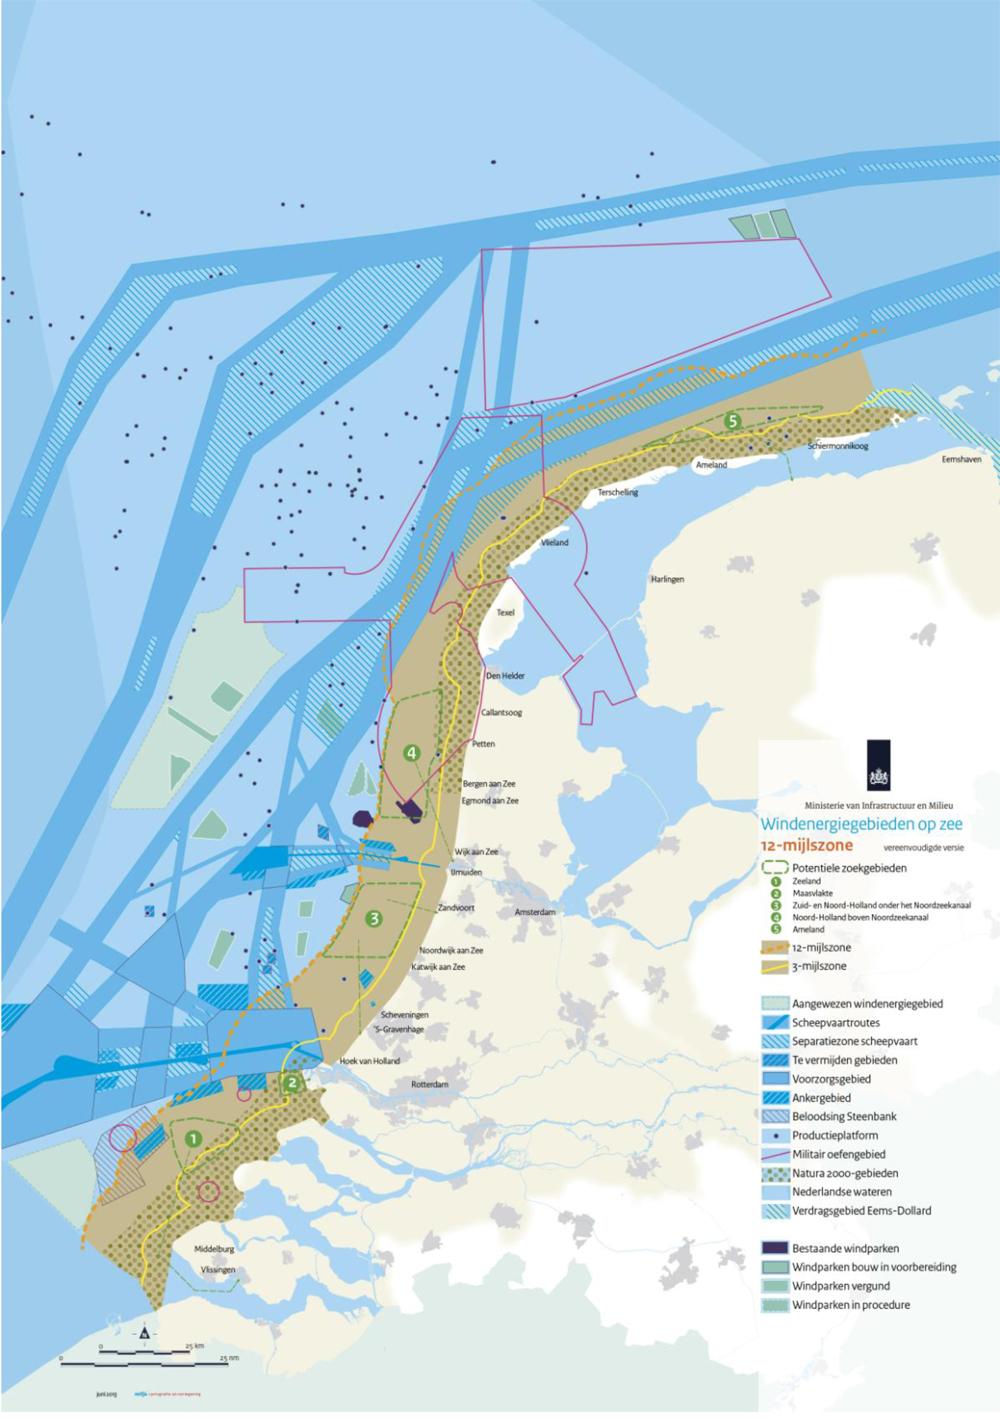 Mogelijke locaties windmolens binnen 12-mijlszone